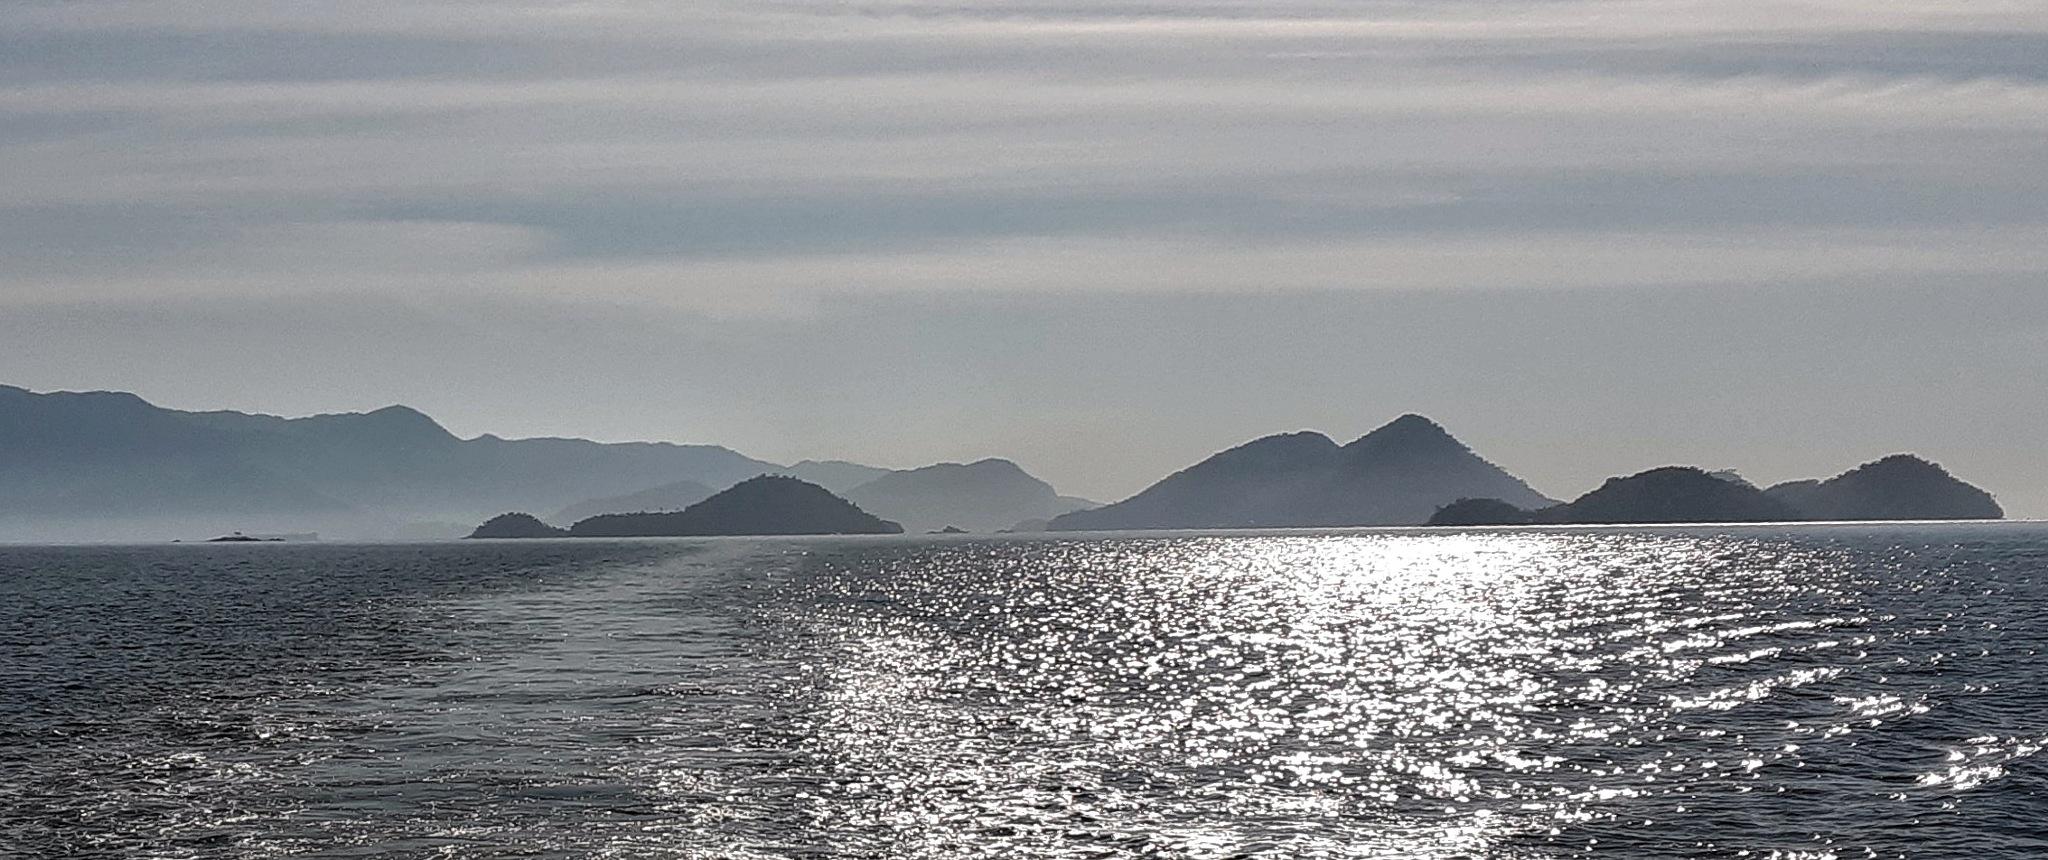 Ilhas by Mauricio C Krauter